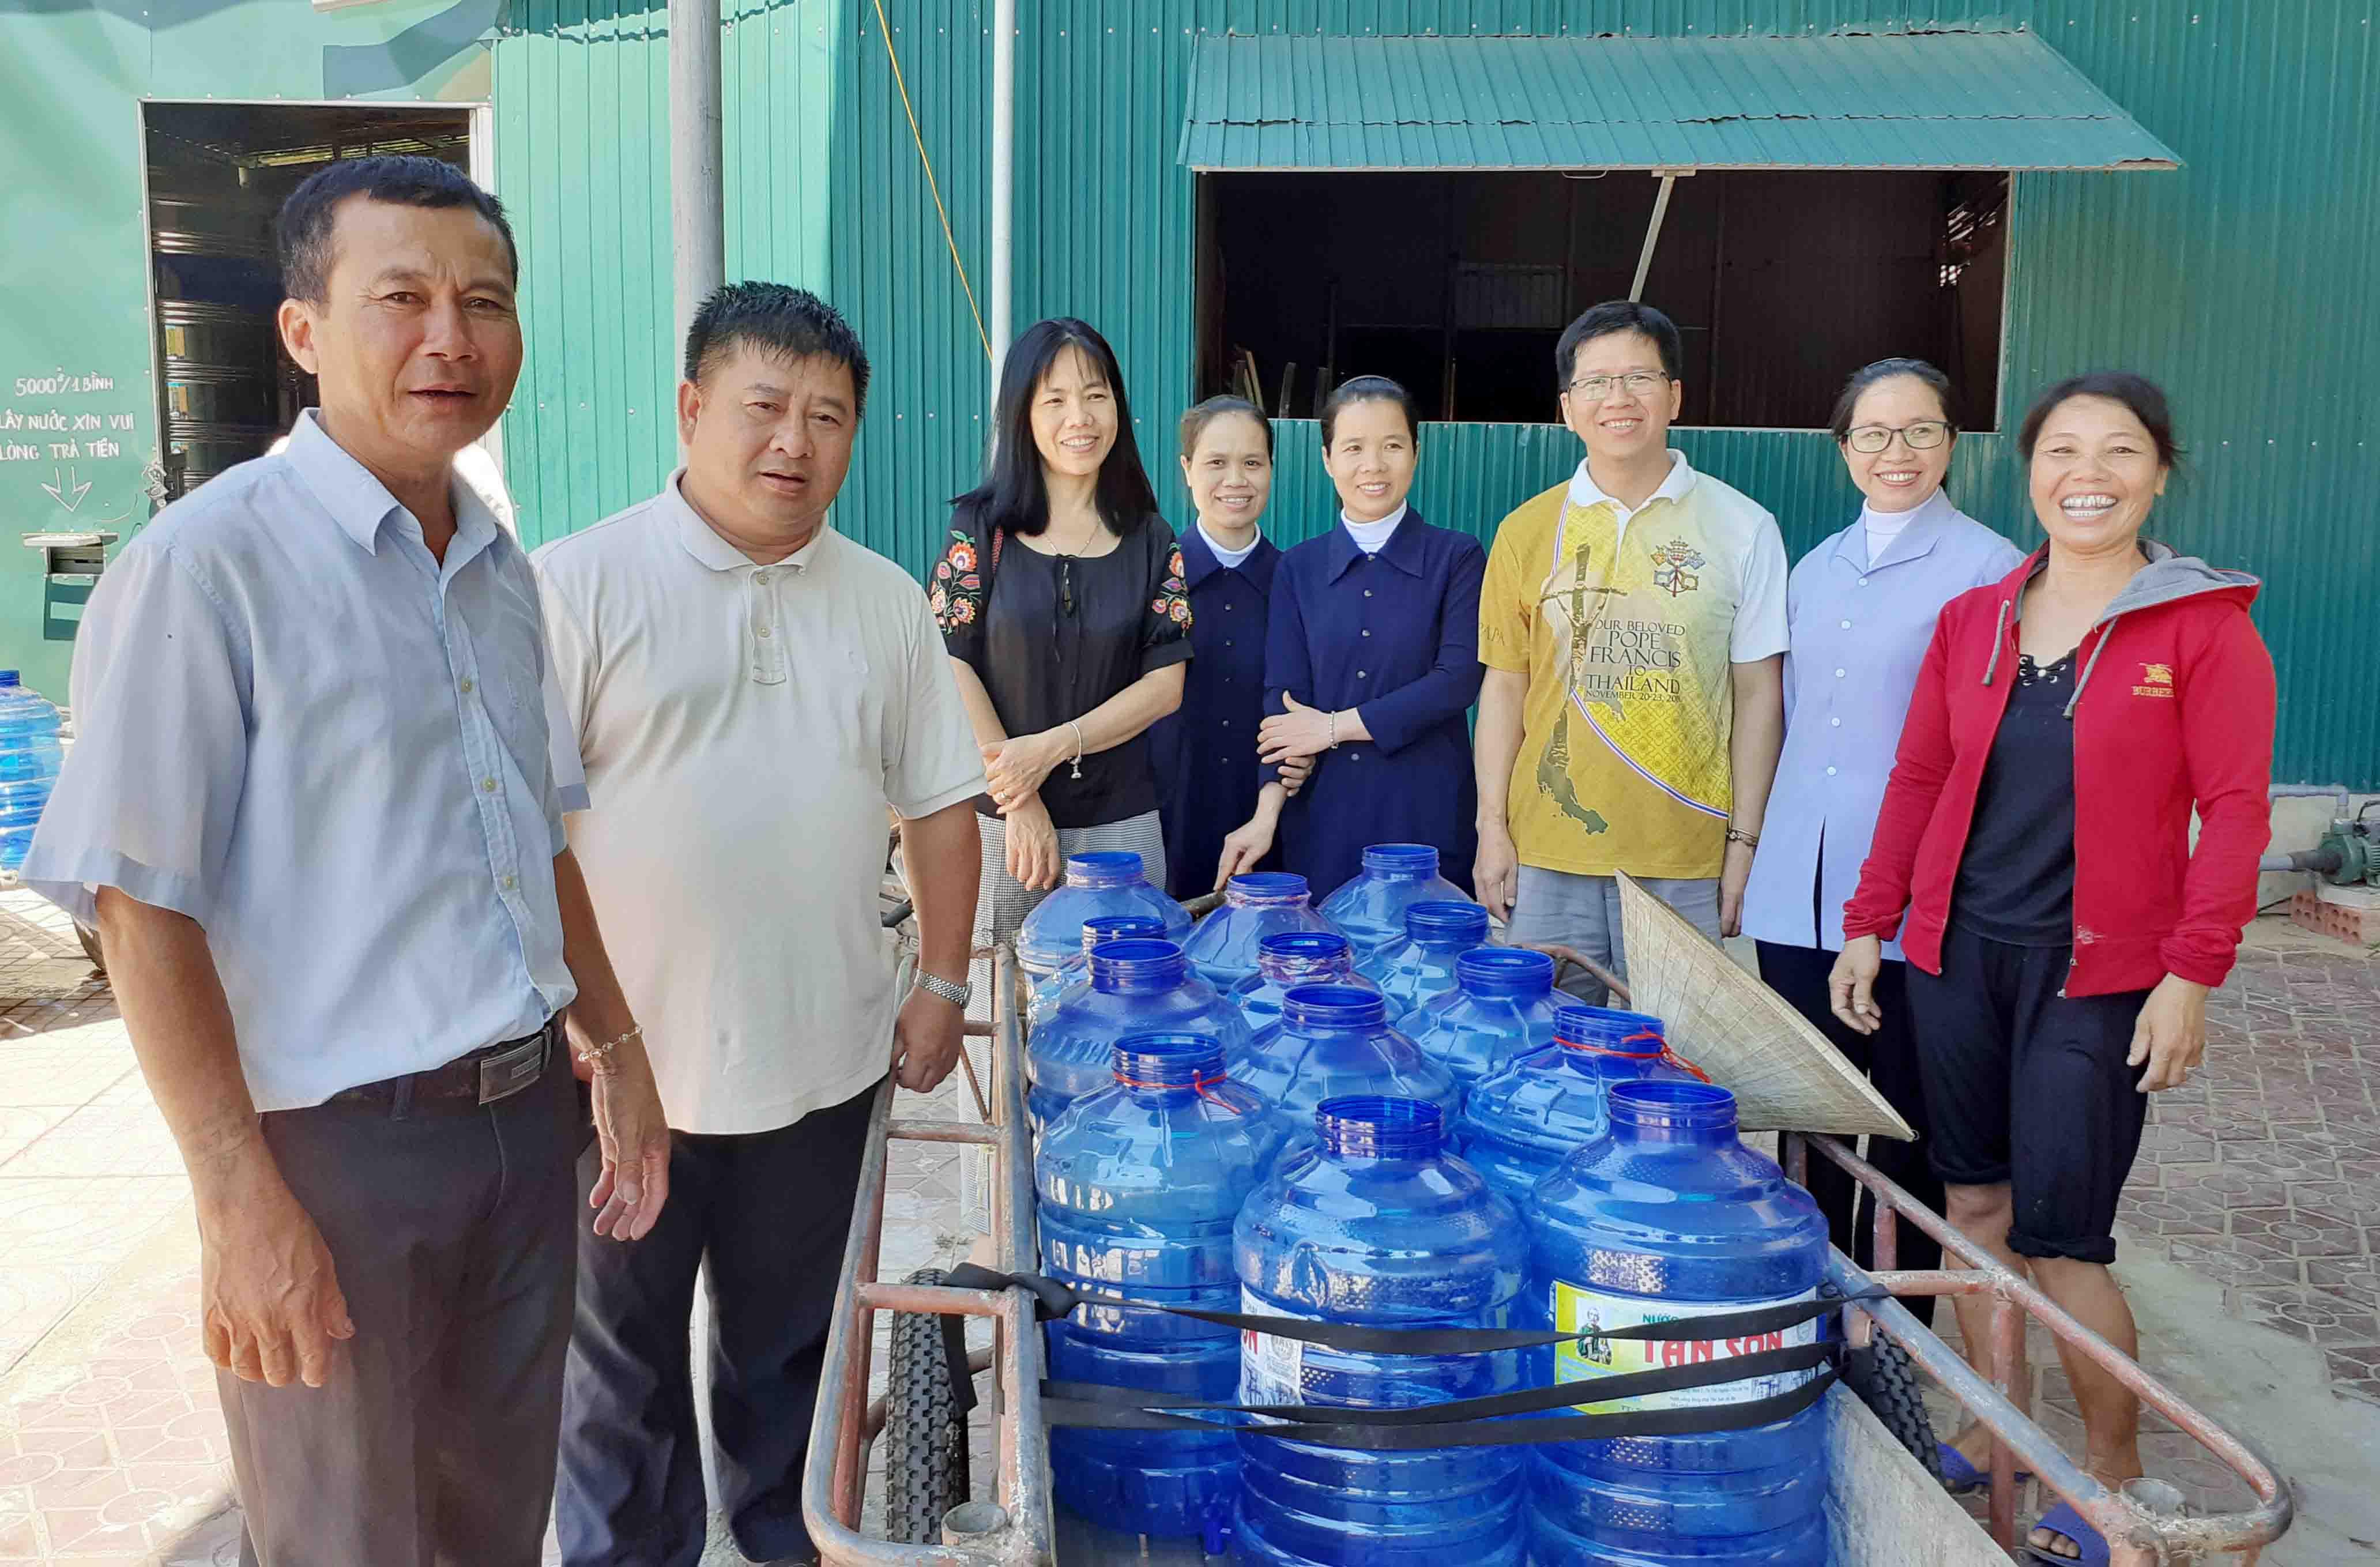 Caritas Hà Tĩnh: Nghiệm thu đưa vào sử dụng hệ thống lọc nước và khảo sát thực hiện chương trình nước uống tinh khiết cho người dân